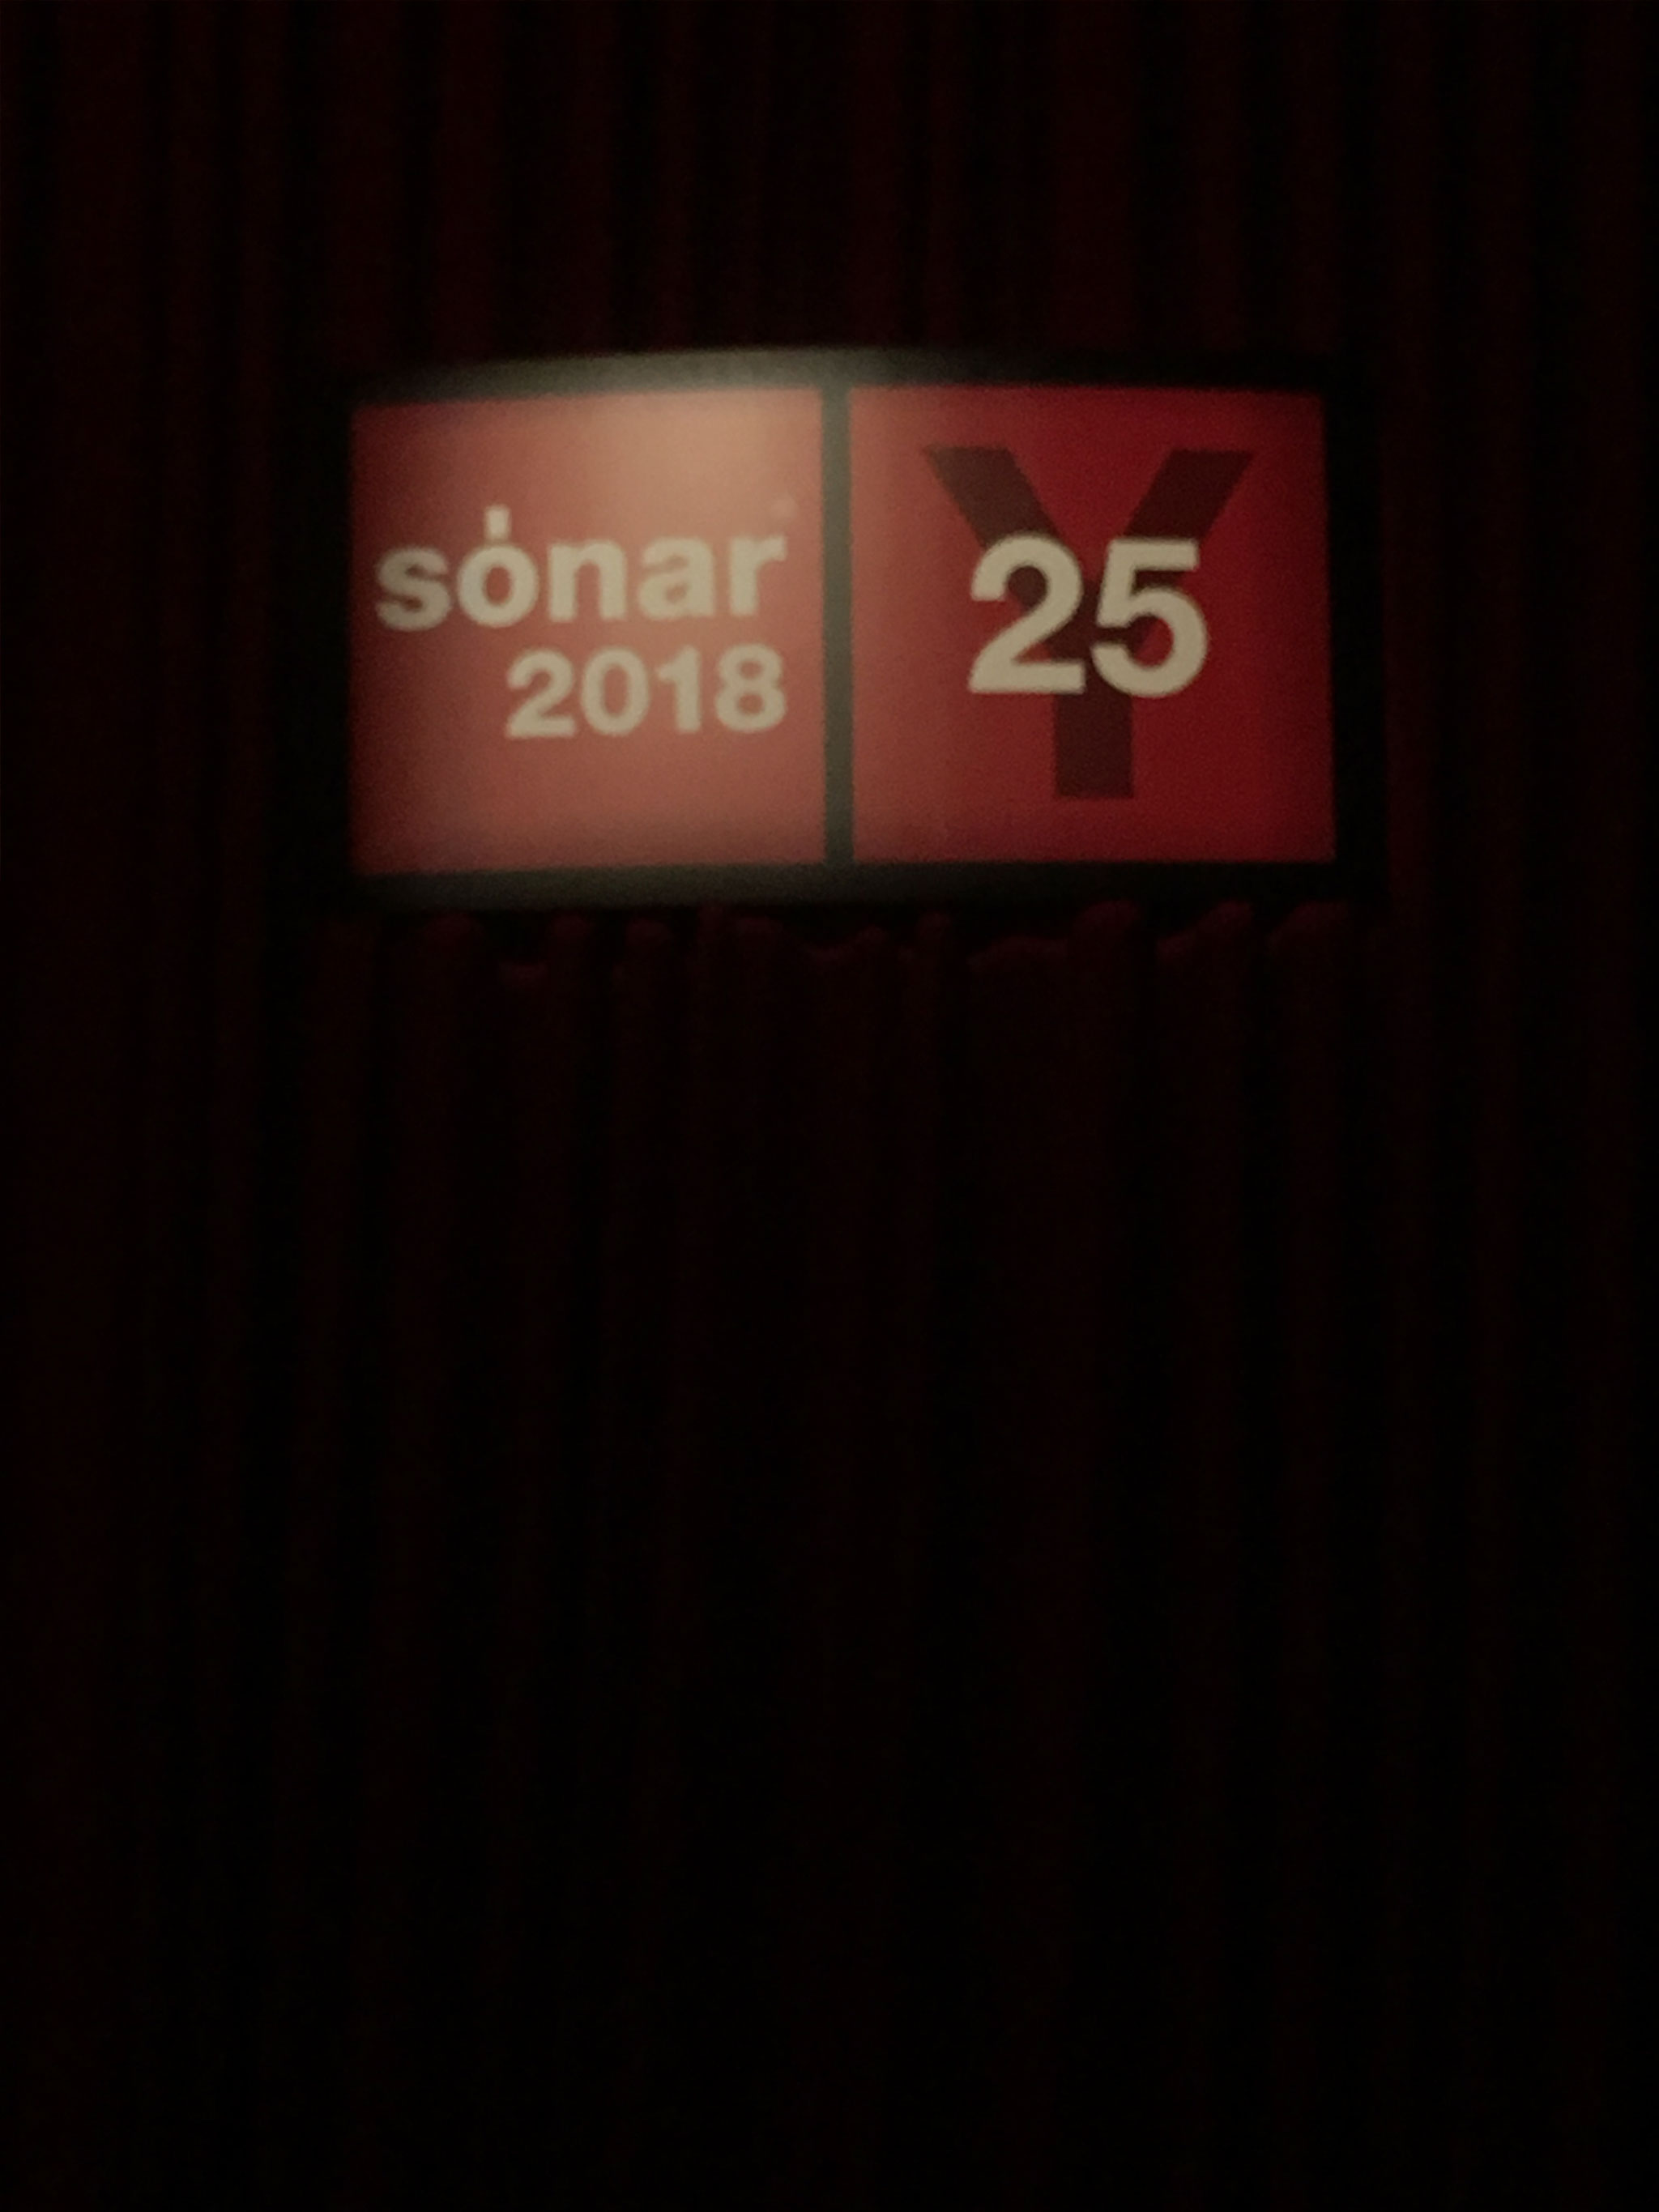 sonar_03